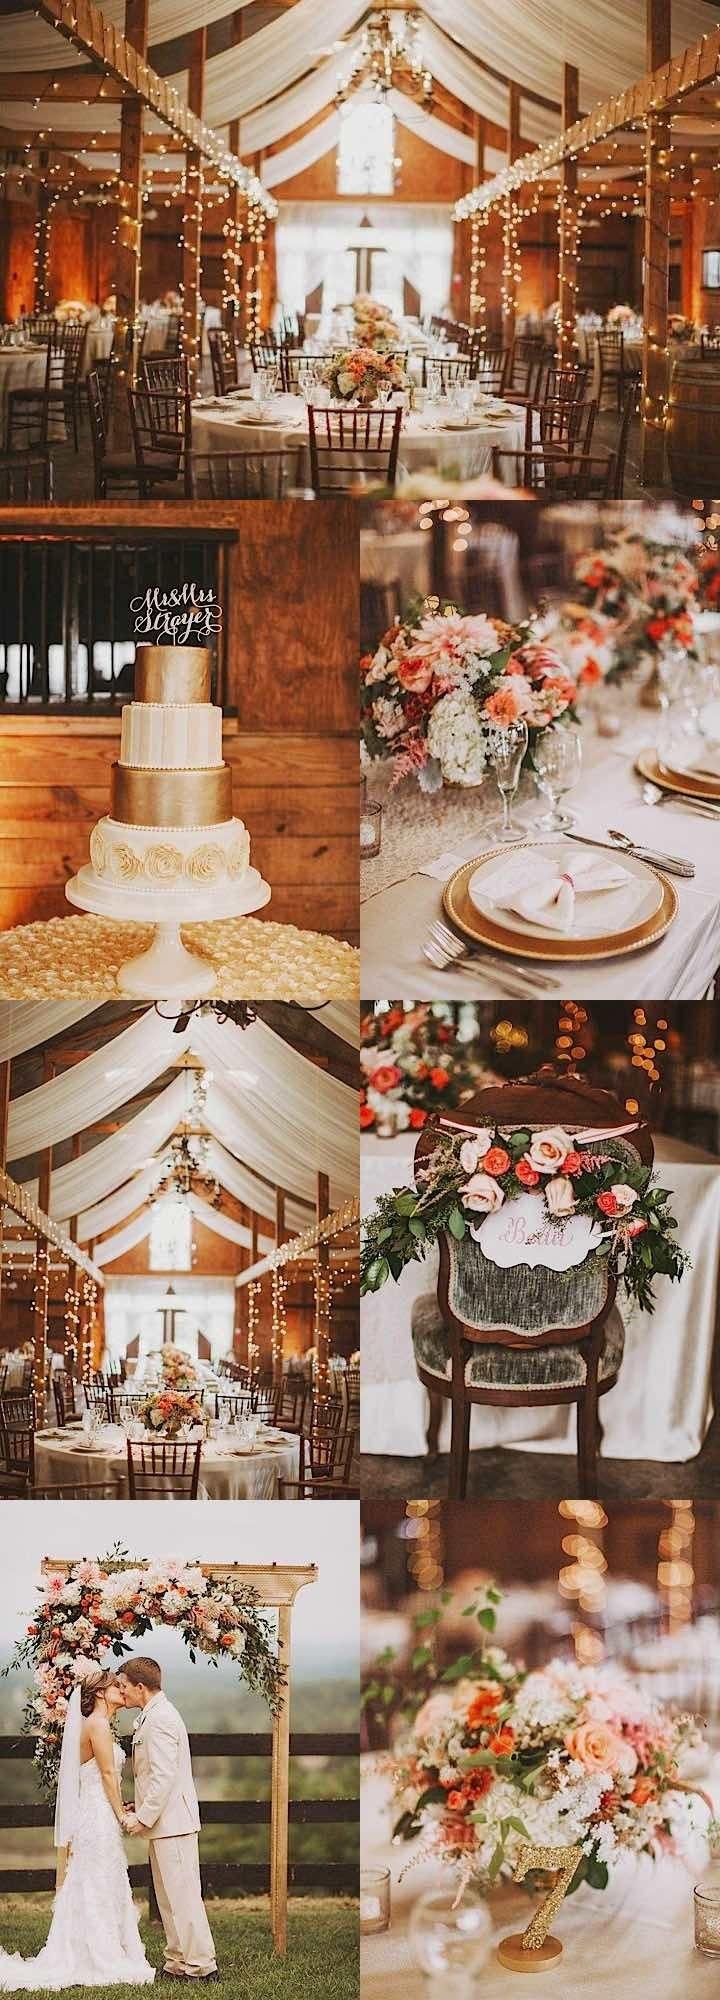 Charming Vintage Decor Totally Transforms Virginia Wedding Venue - MODwedding